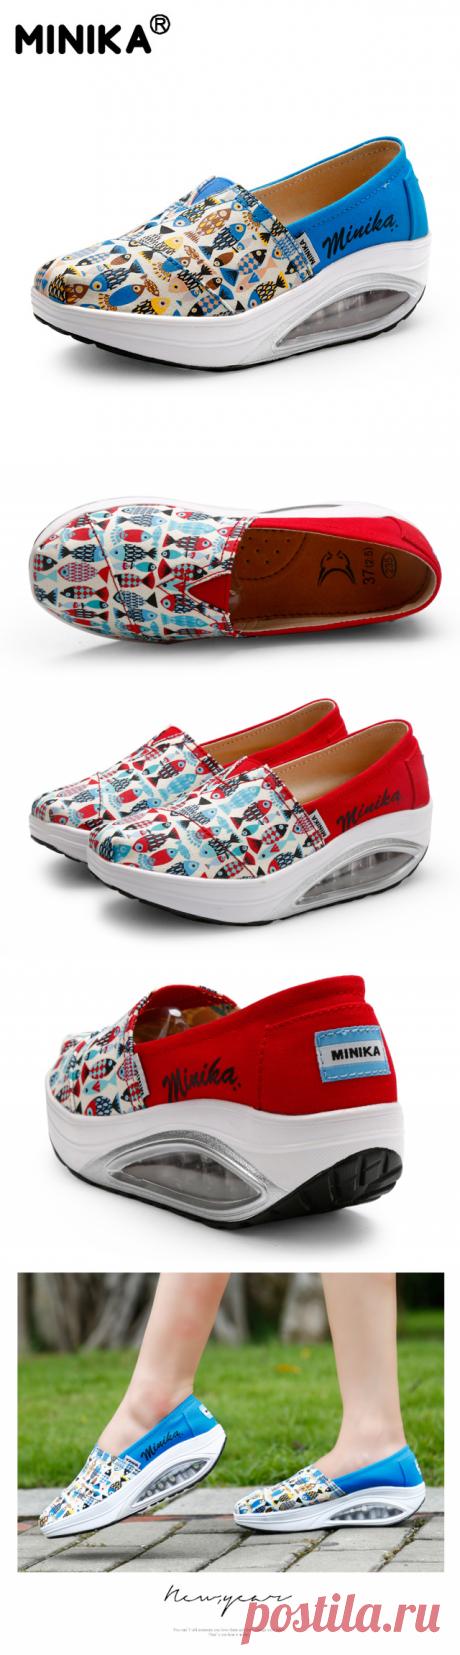 Minika Дамская Повседневная обувь из парусины Air Подушки подошвы скольжения на качелях обувь для фитнеса на платформе прогулочная Высота обувь со скрытым каблуком купить на AliExpress